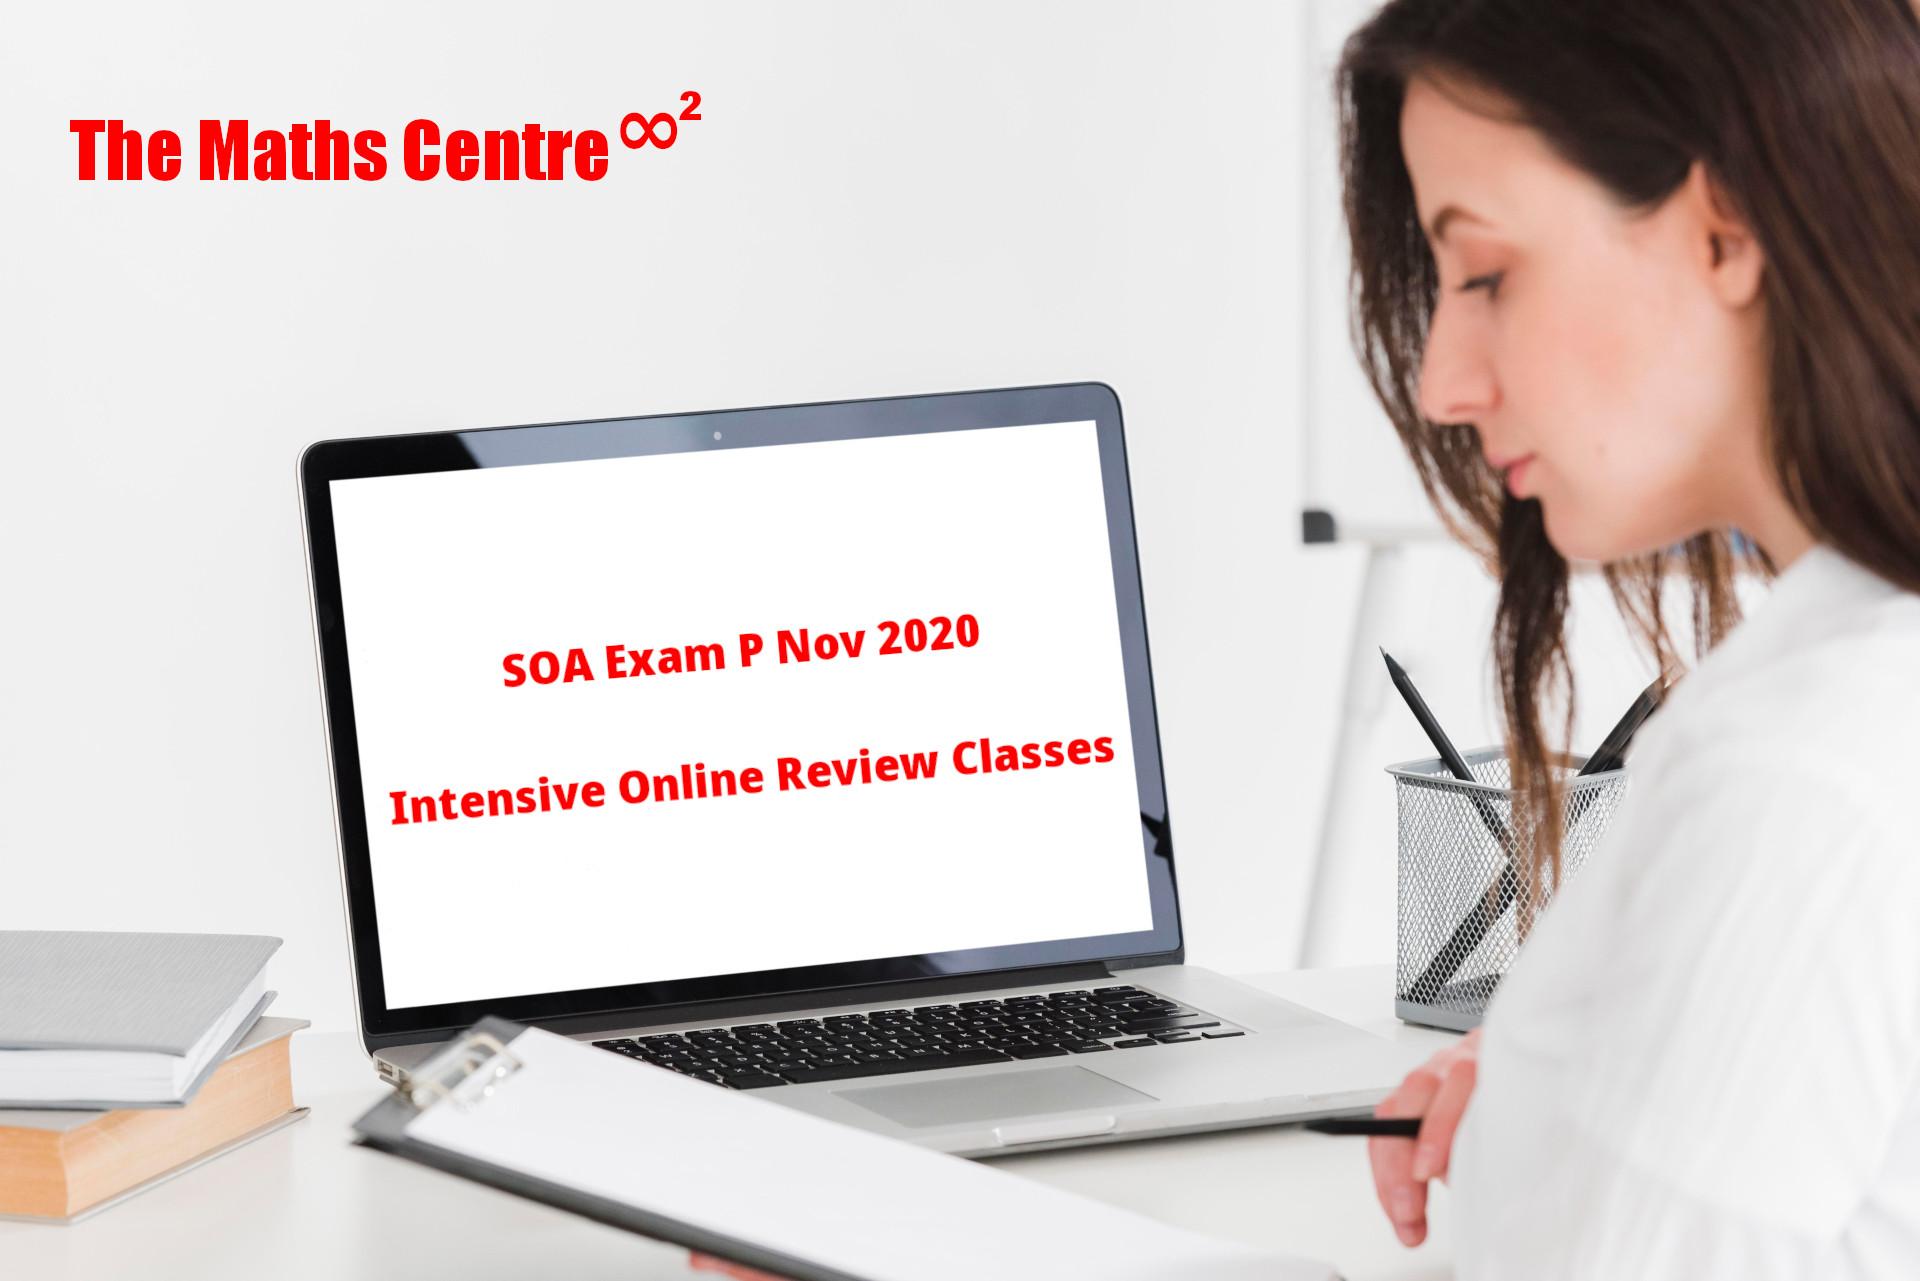 SOA Exam P Nov 2020